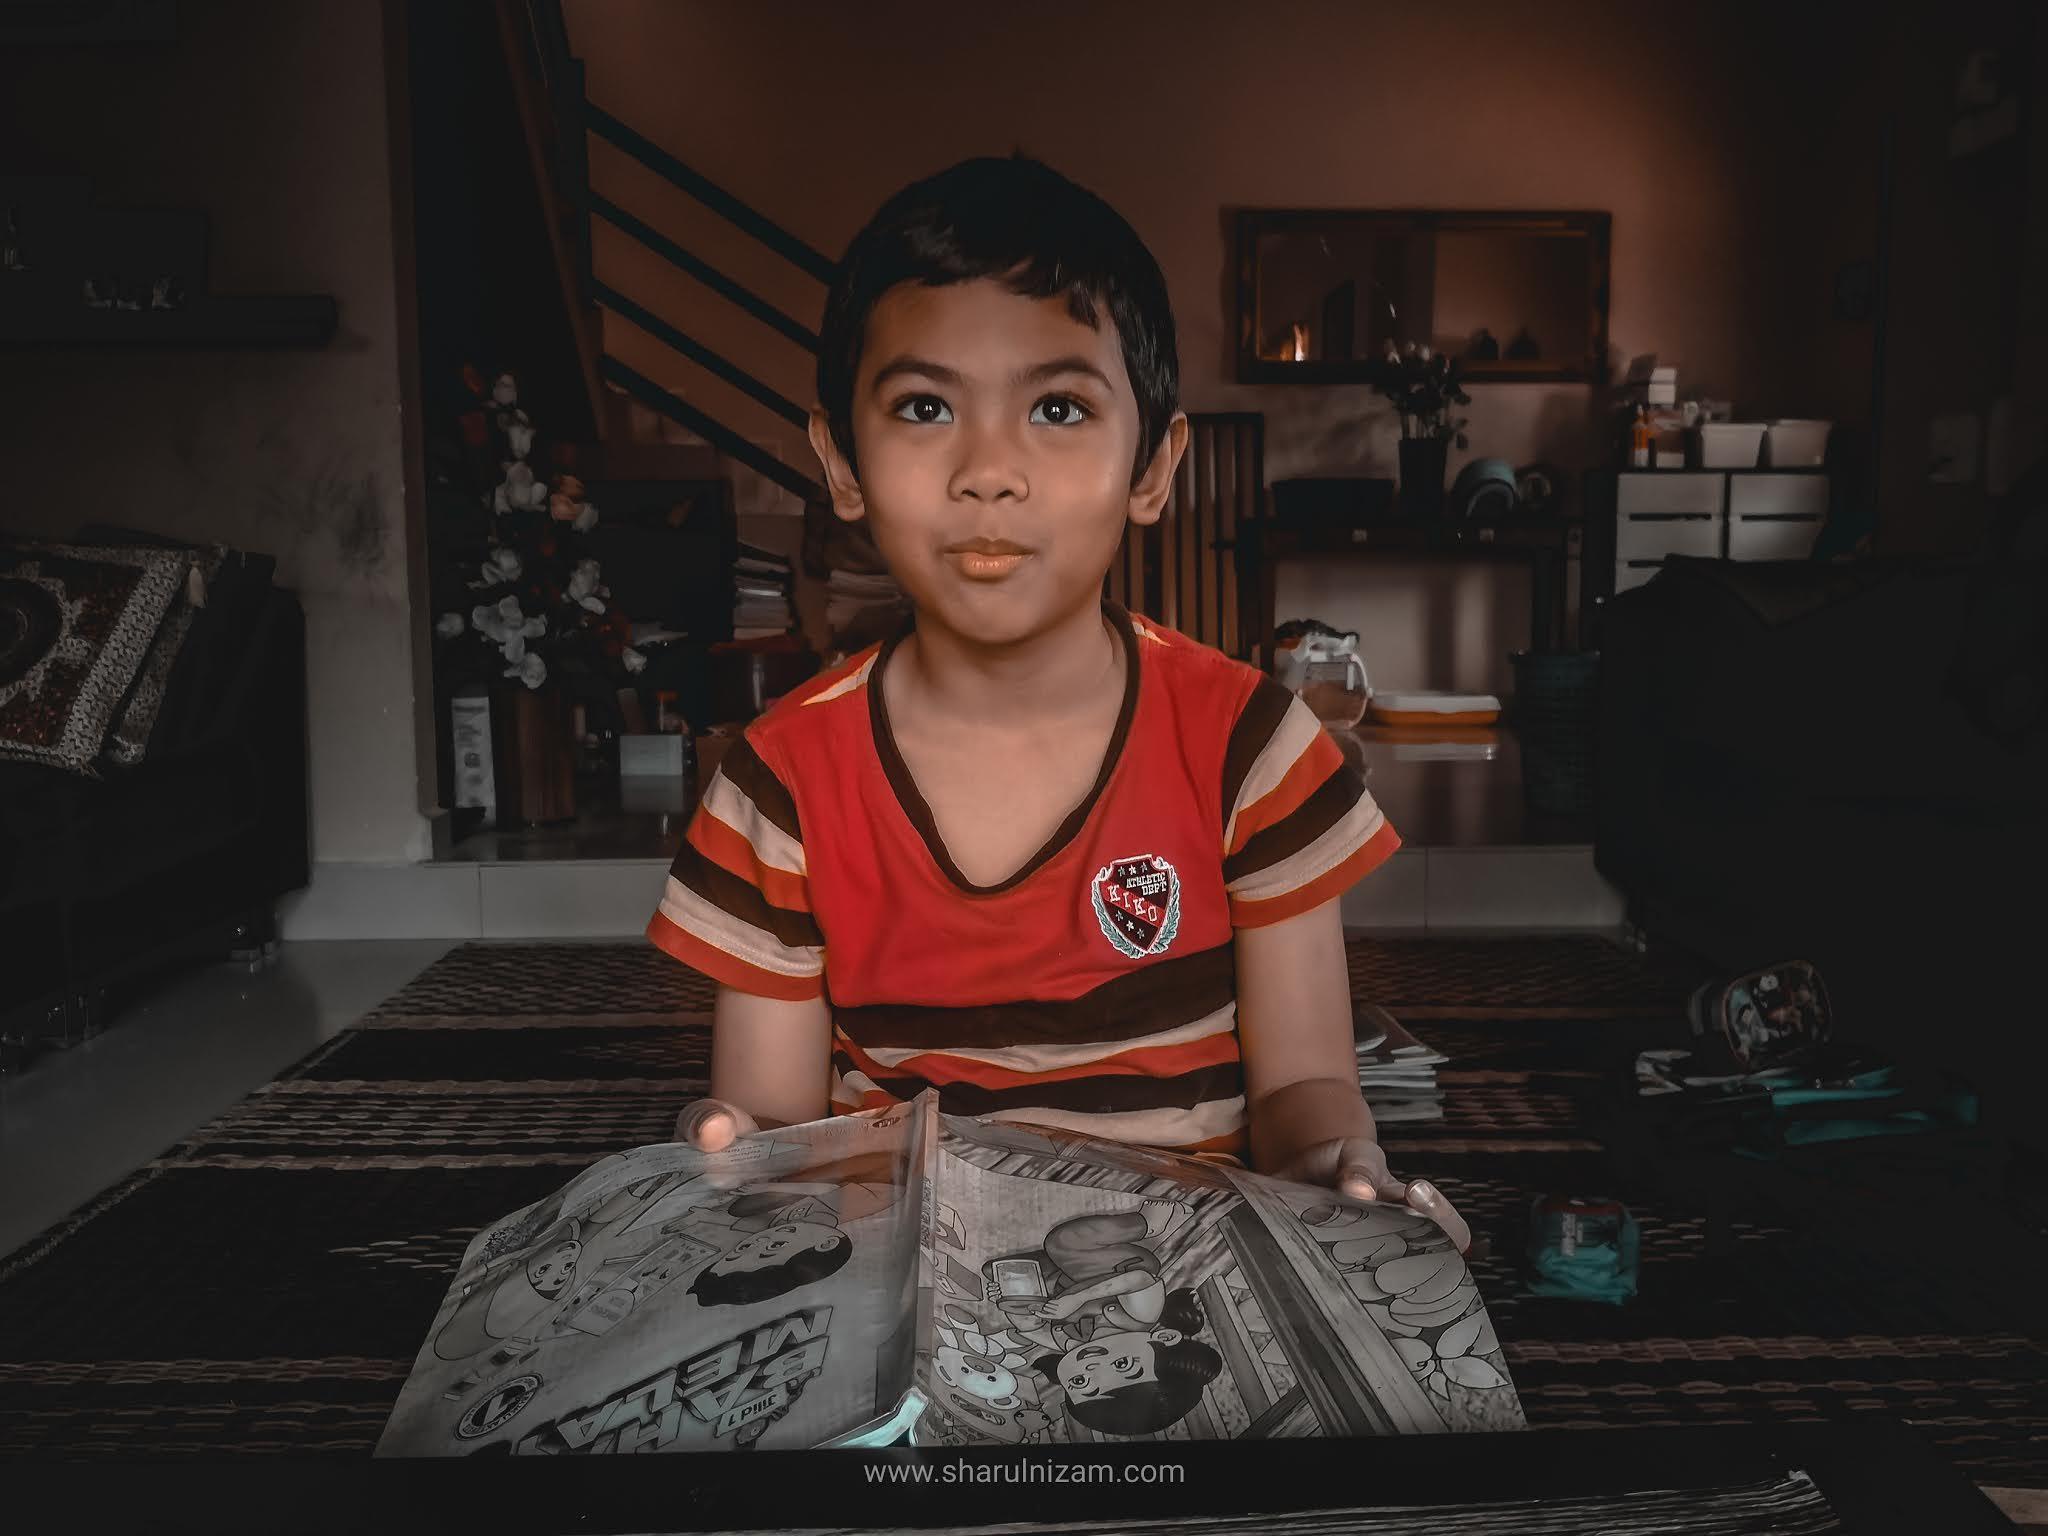 Ini Cerita Bagaimana Hafiz Memulakan Persekolahannya Selepas 4 Bulan PKP